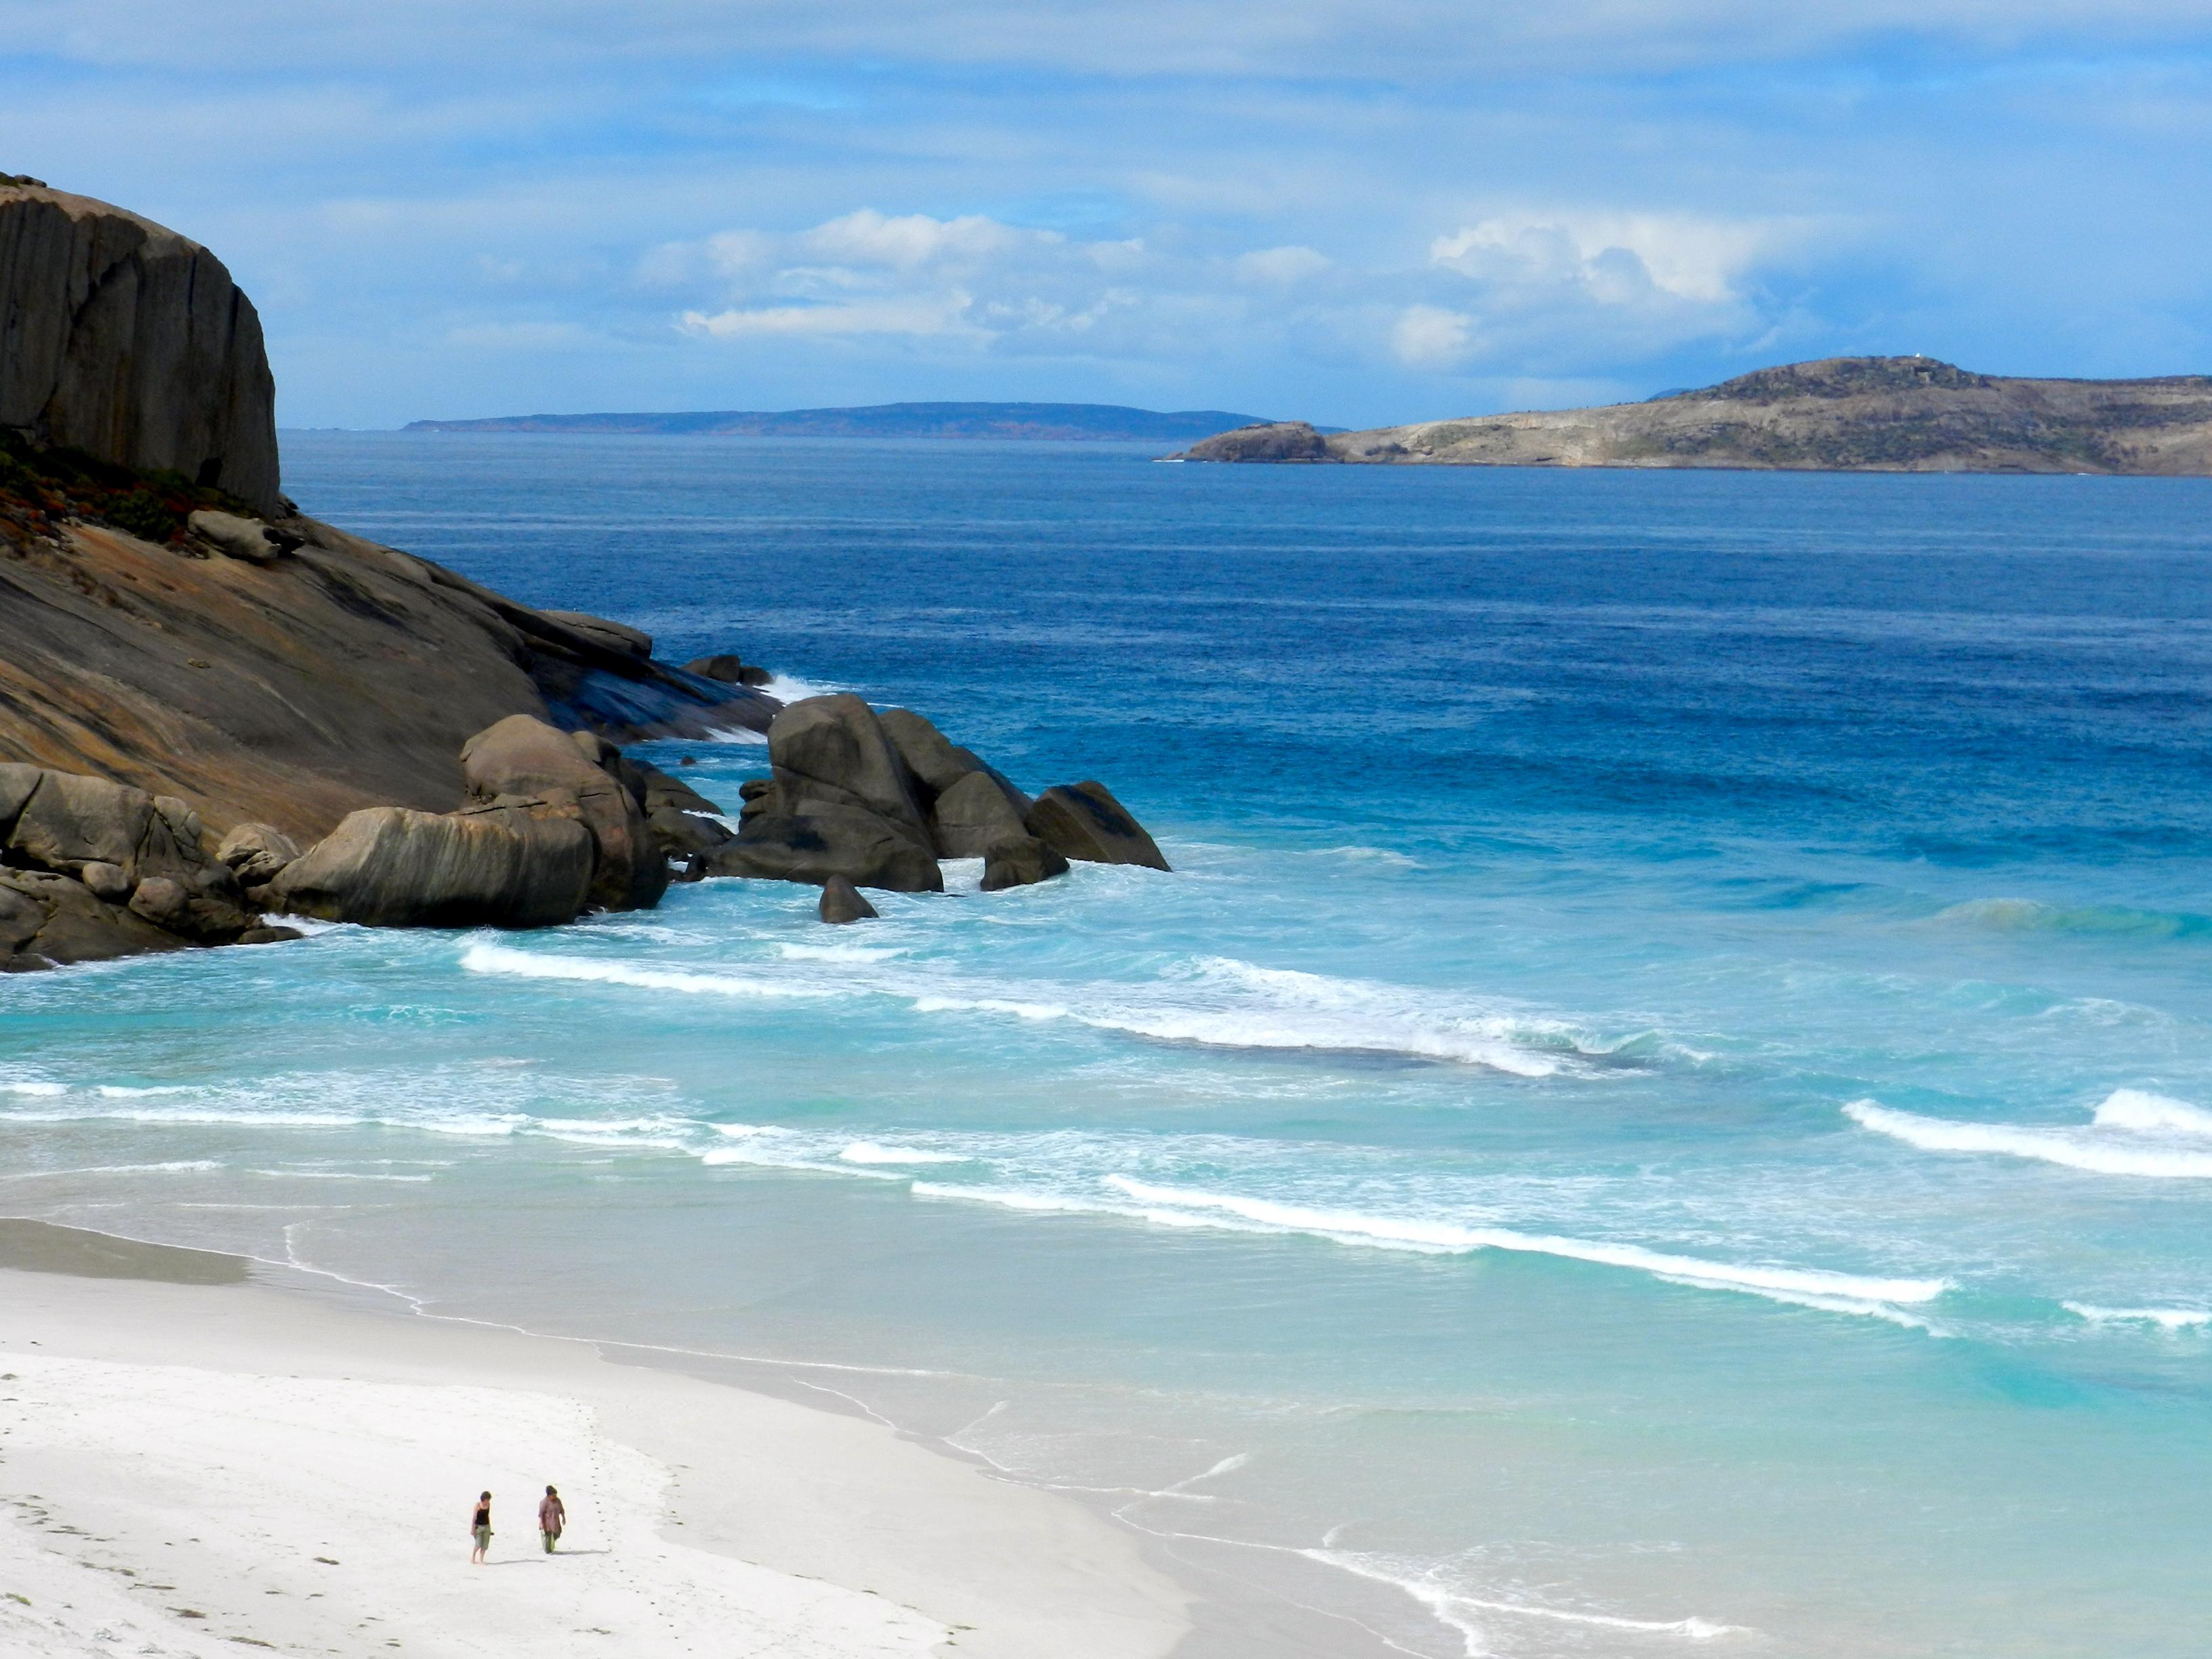 Surfing in Australia 4